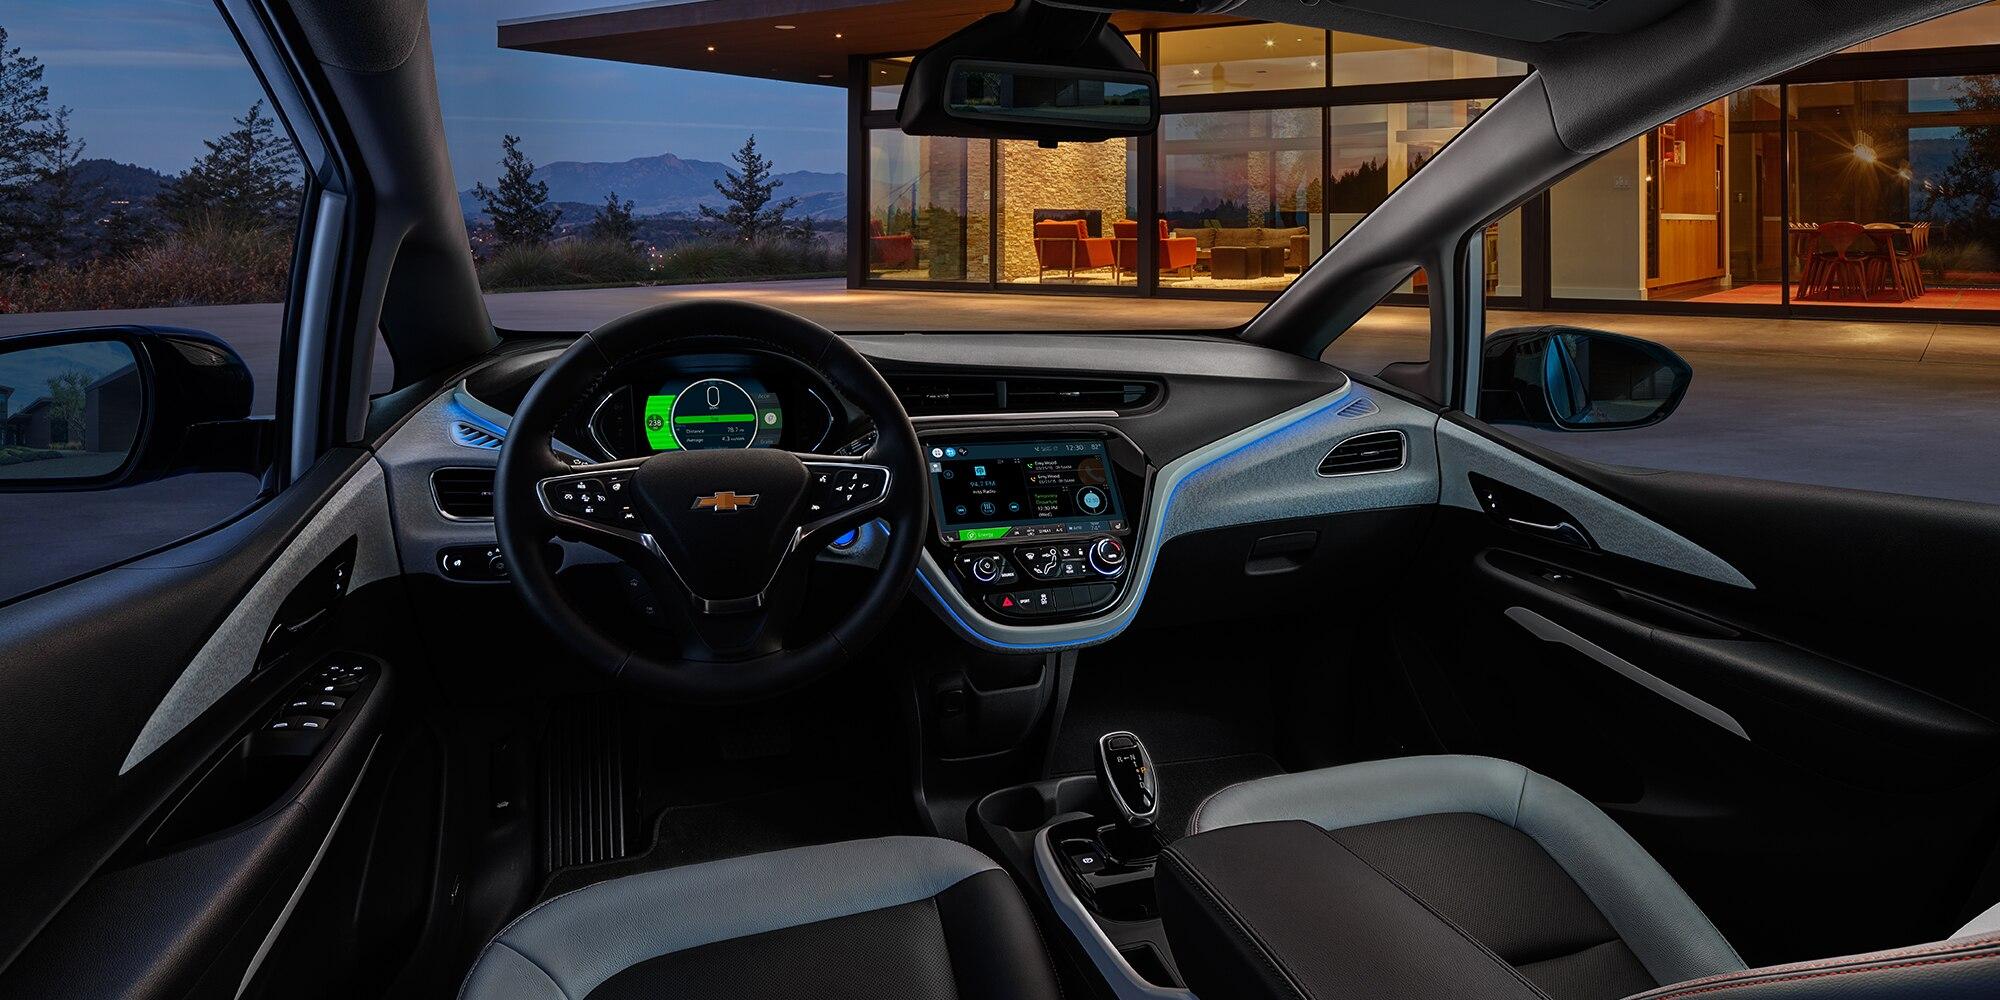 2019 Bolt EV Cockpit